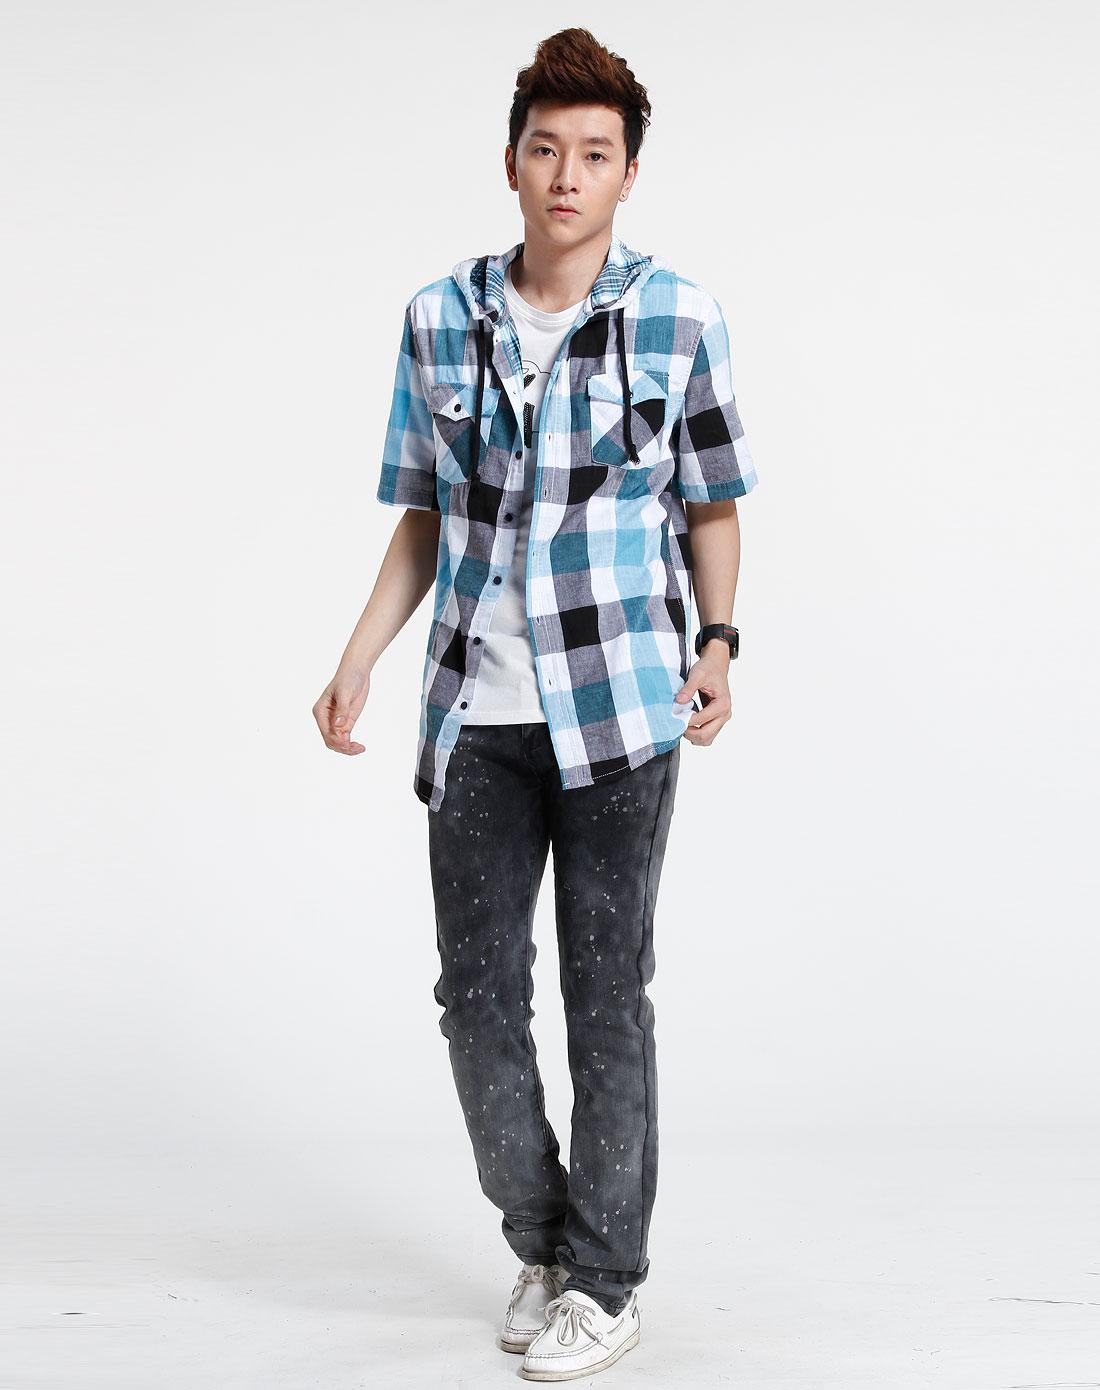 森马-男装蓝/白色短袖休闲衬衫082151013-098图片